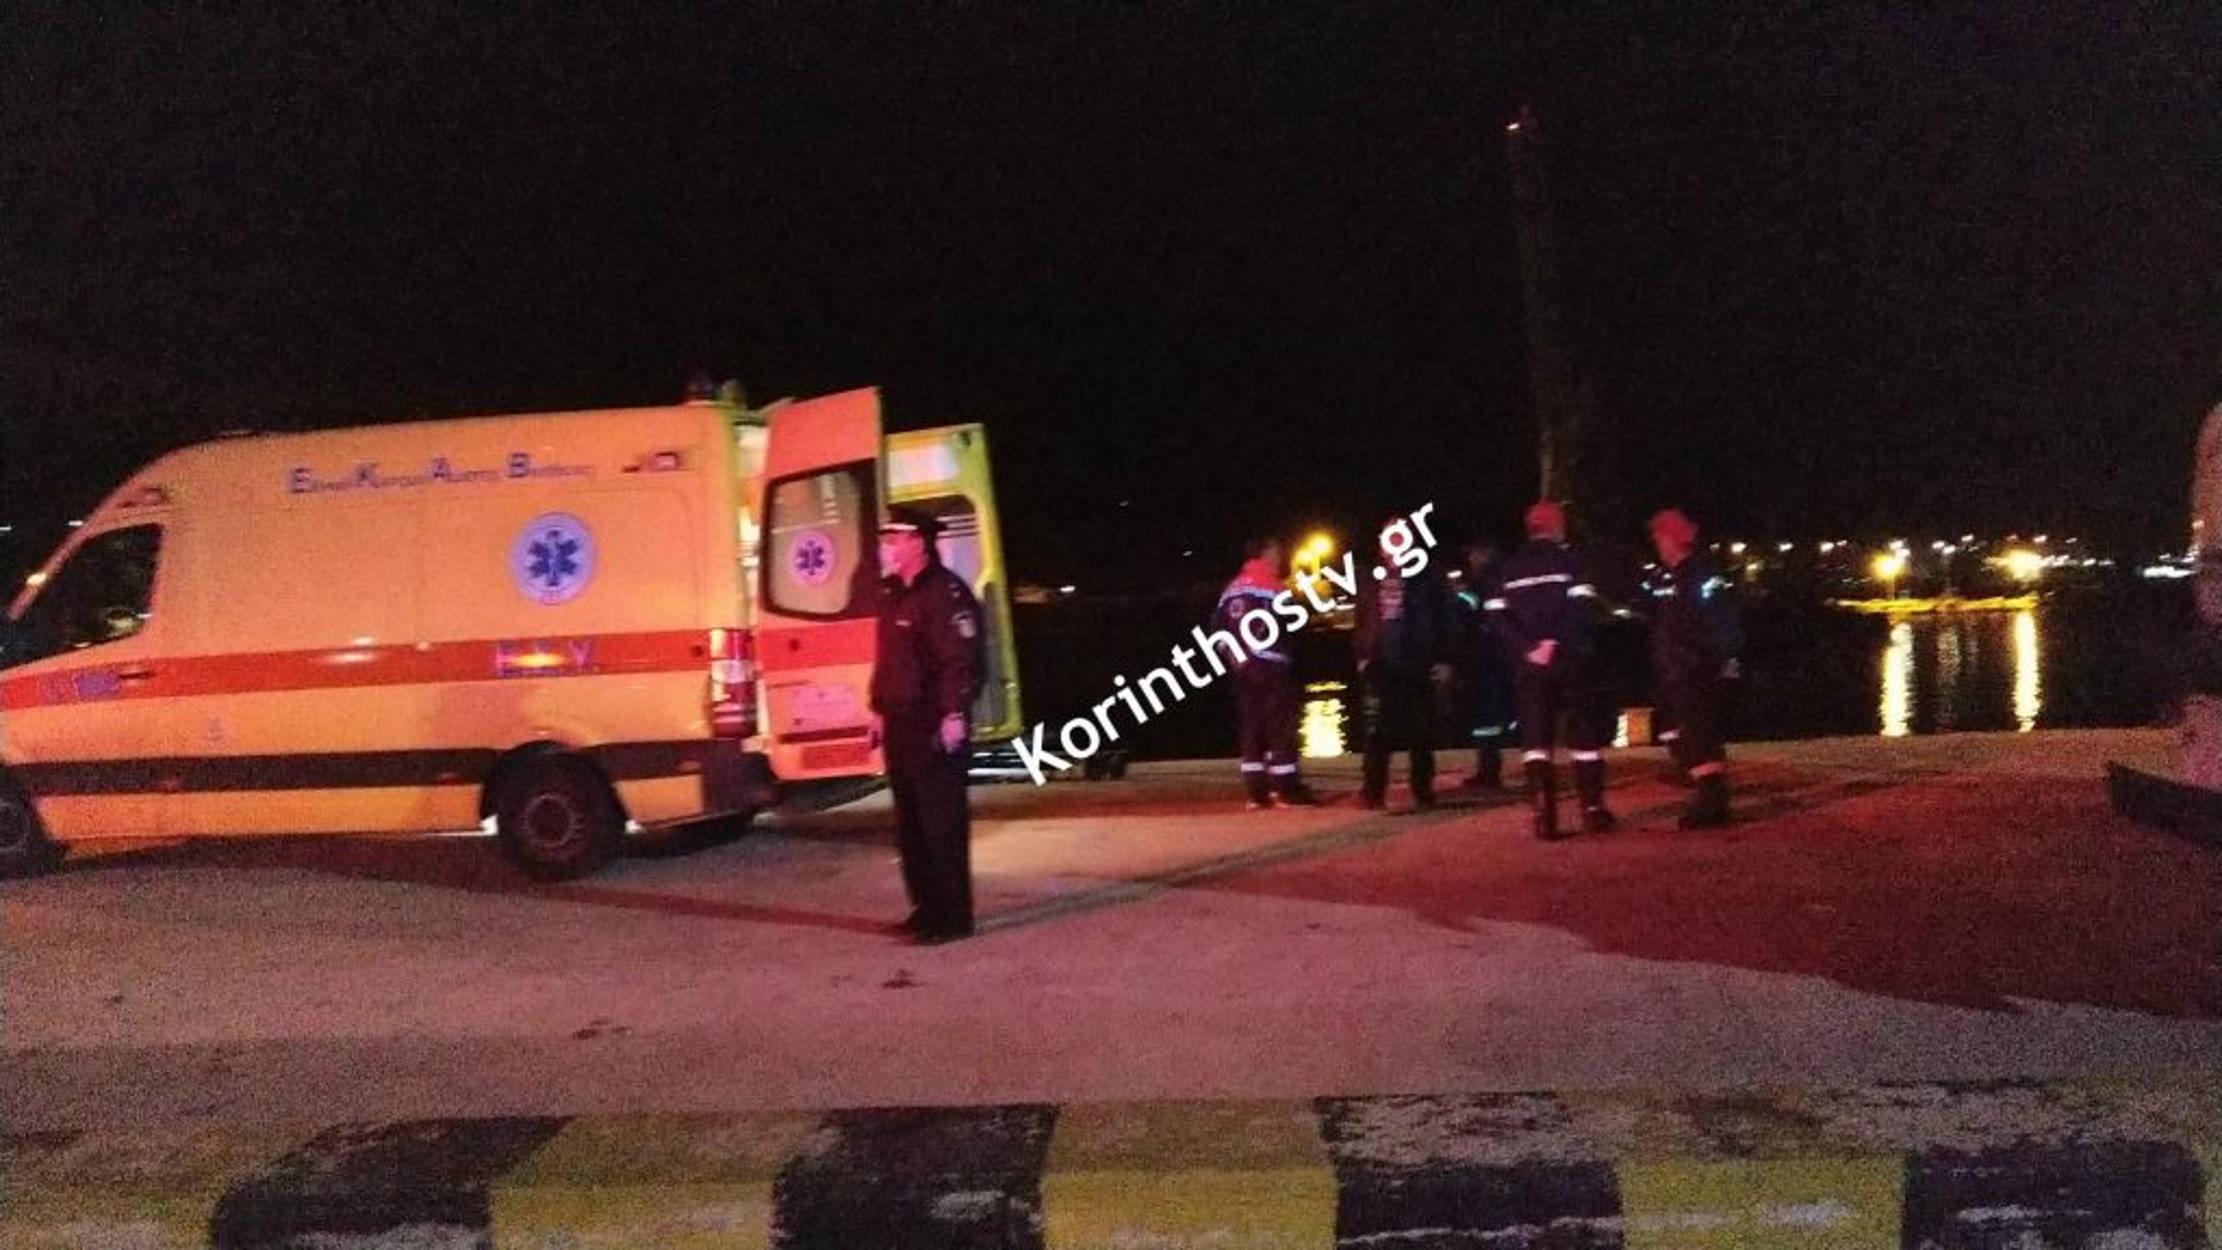 Τραγωδία στην Κόρινθο: 14χρονος έπεσε στο κανάλι του Ισθμού (pics, video)